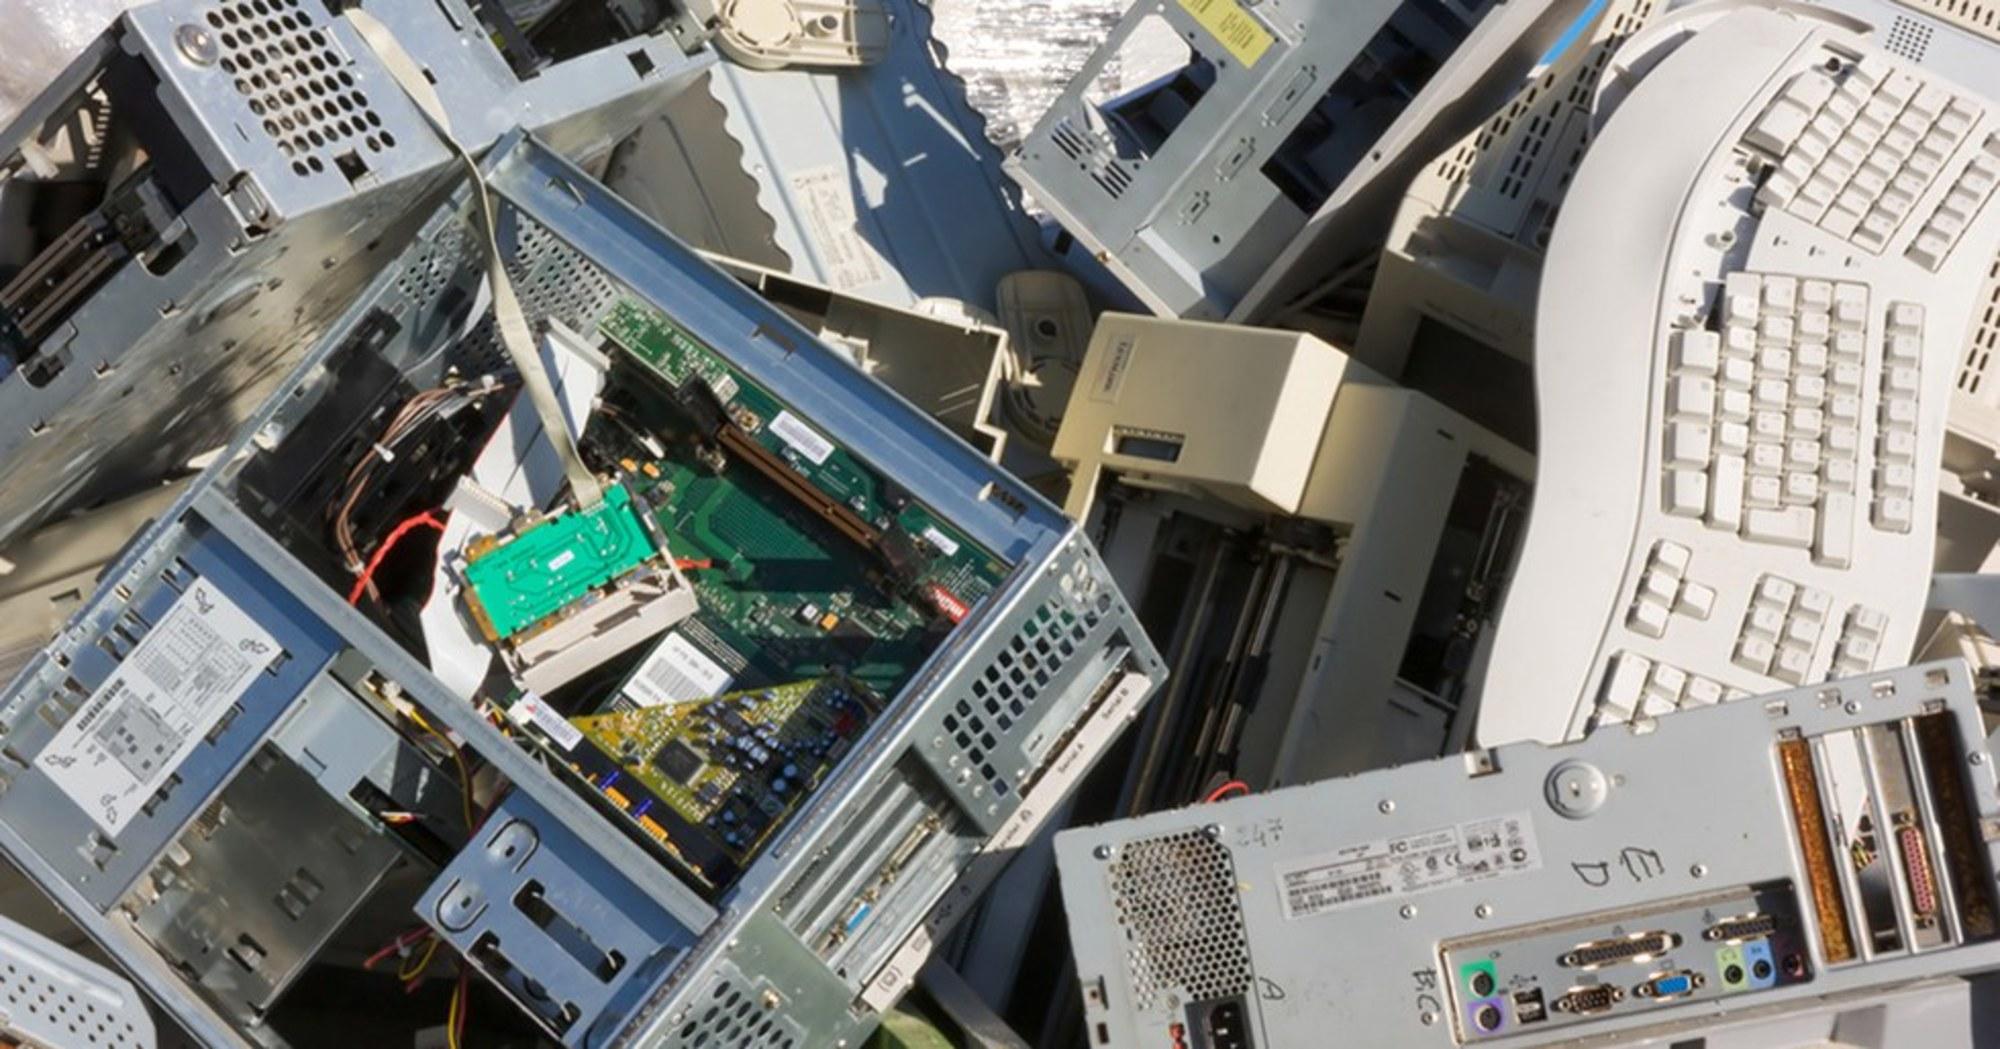 E-Waste Removal Services Scranton/Wilkes-Barre